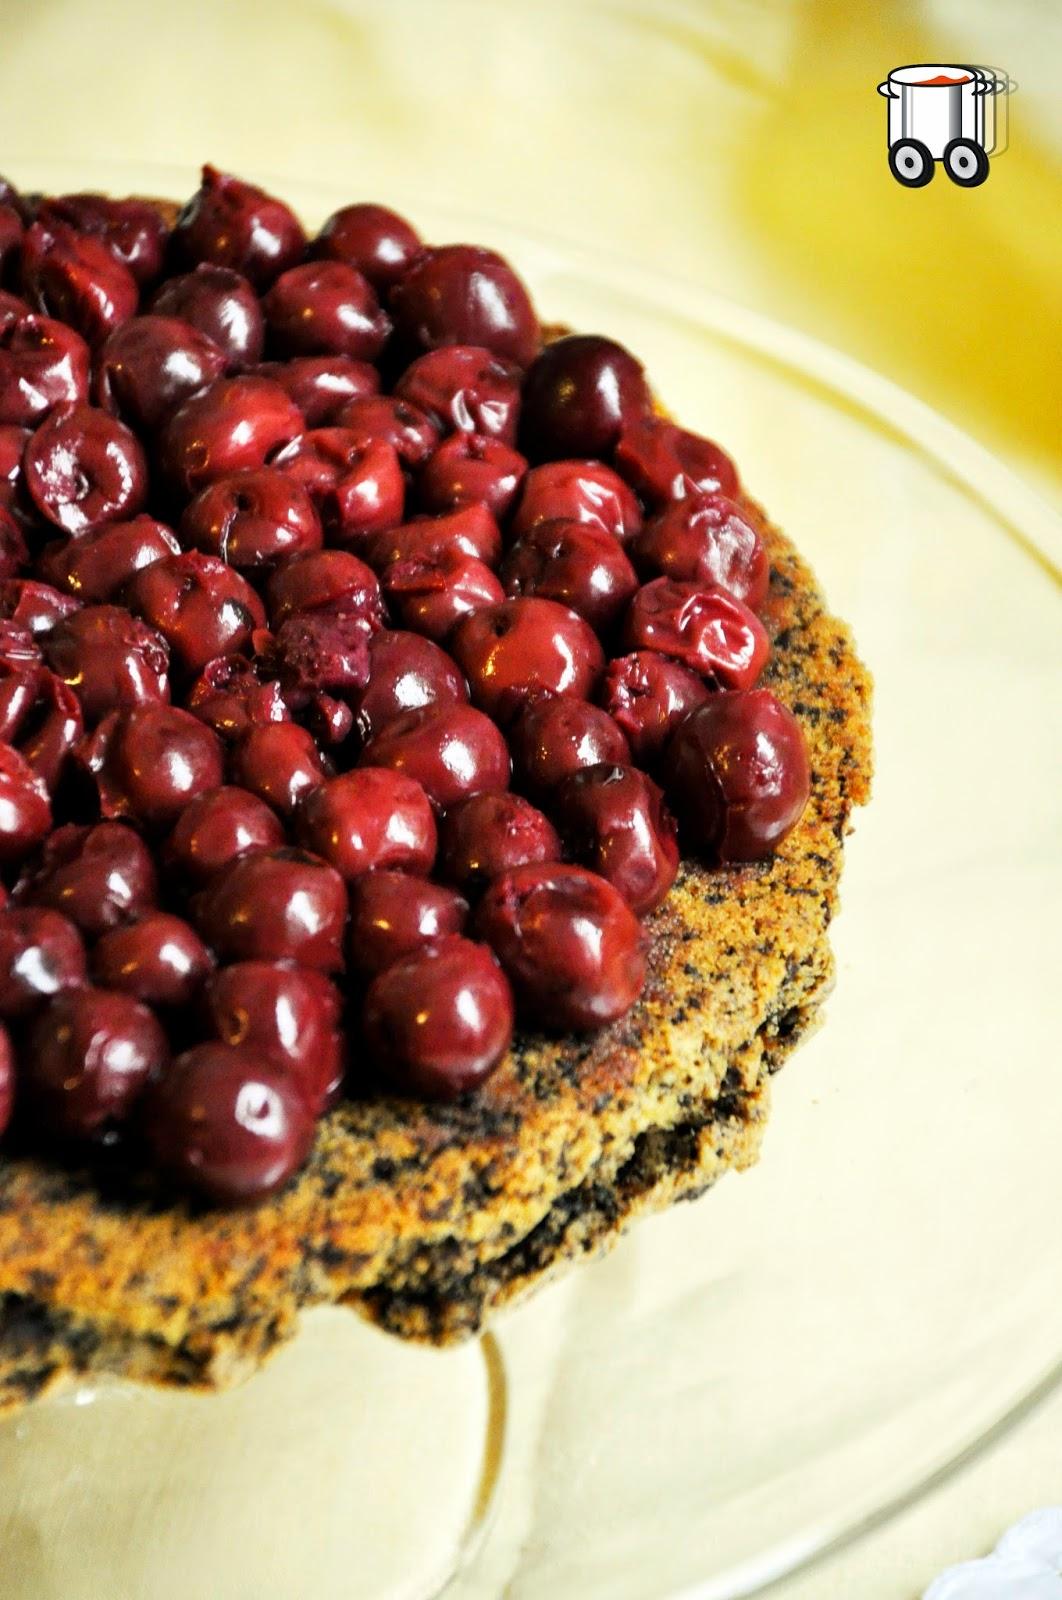 Szybko Tanio Smacznie - Ciasto czekoladowe z wiśniami (bezglutenowe)